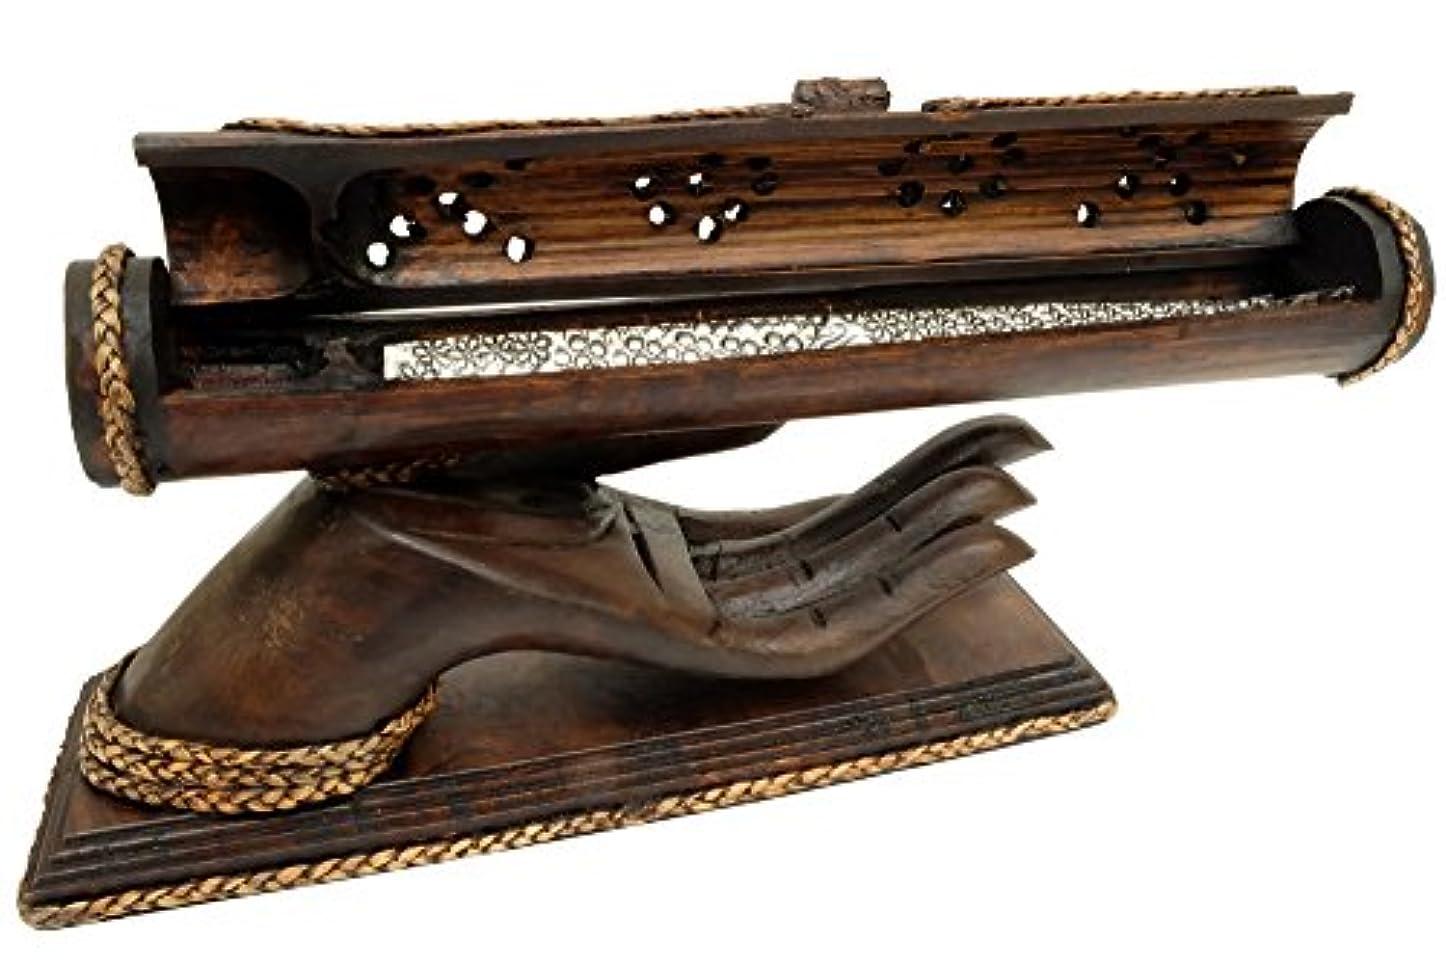 滝送る観点デザインby unseenthailand竹Trough木製ハンドメイドIncense Burner Ashキャッチャーwithチーク材手ホルダー。 ブラック